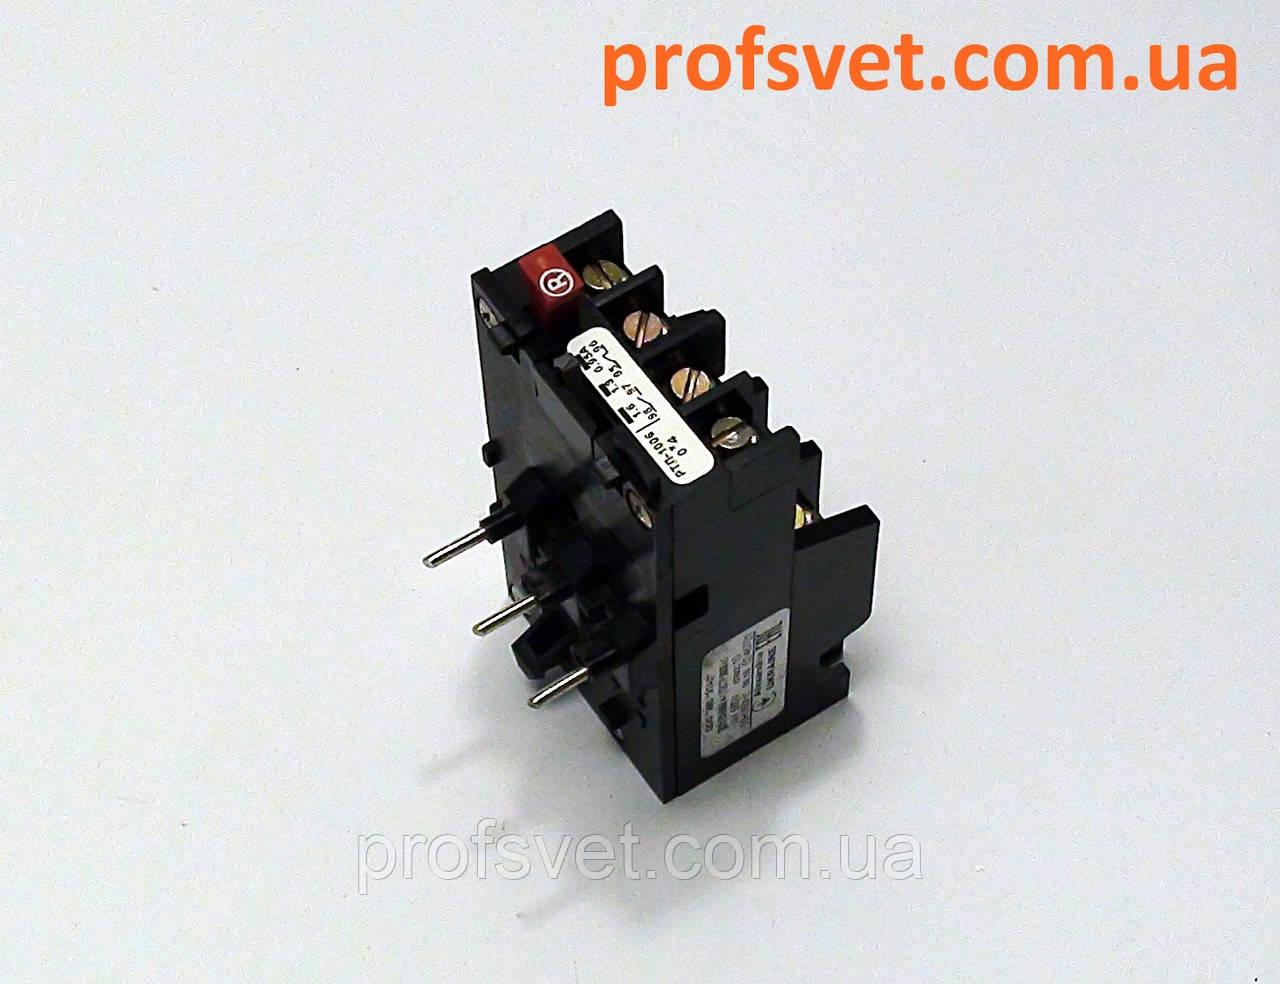 Реле тепловое РТЛ-1007 с регулировкой 1,5-2,6А